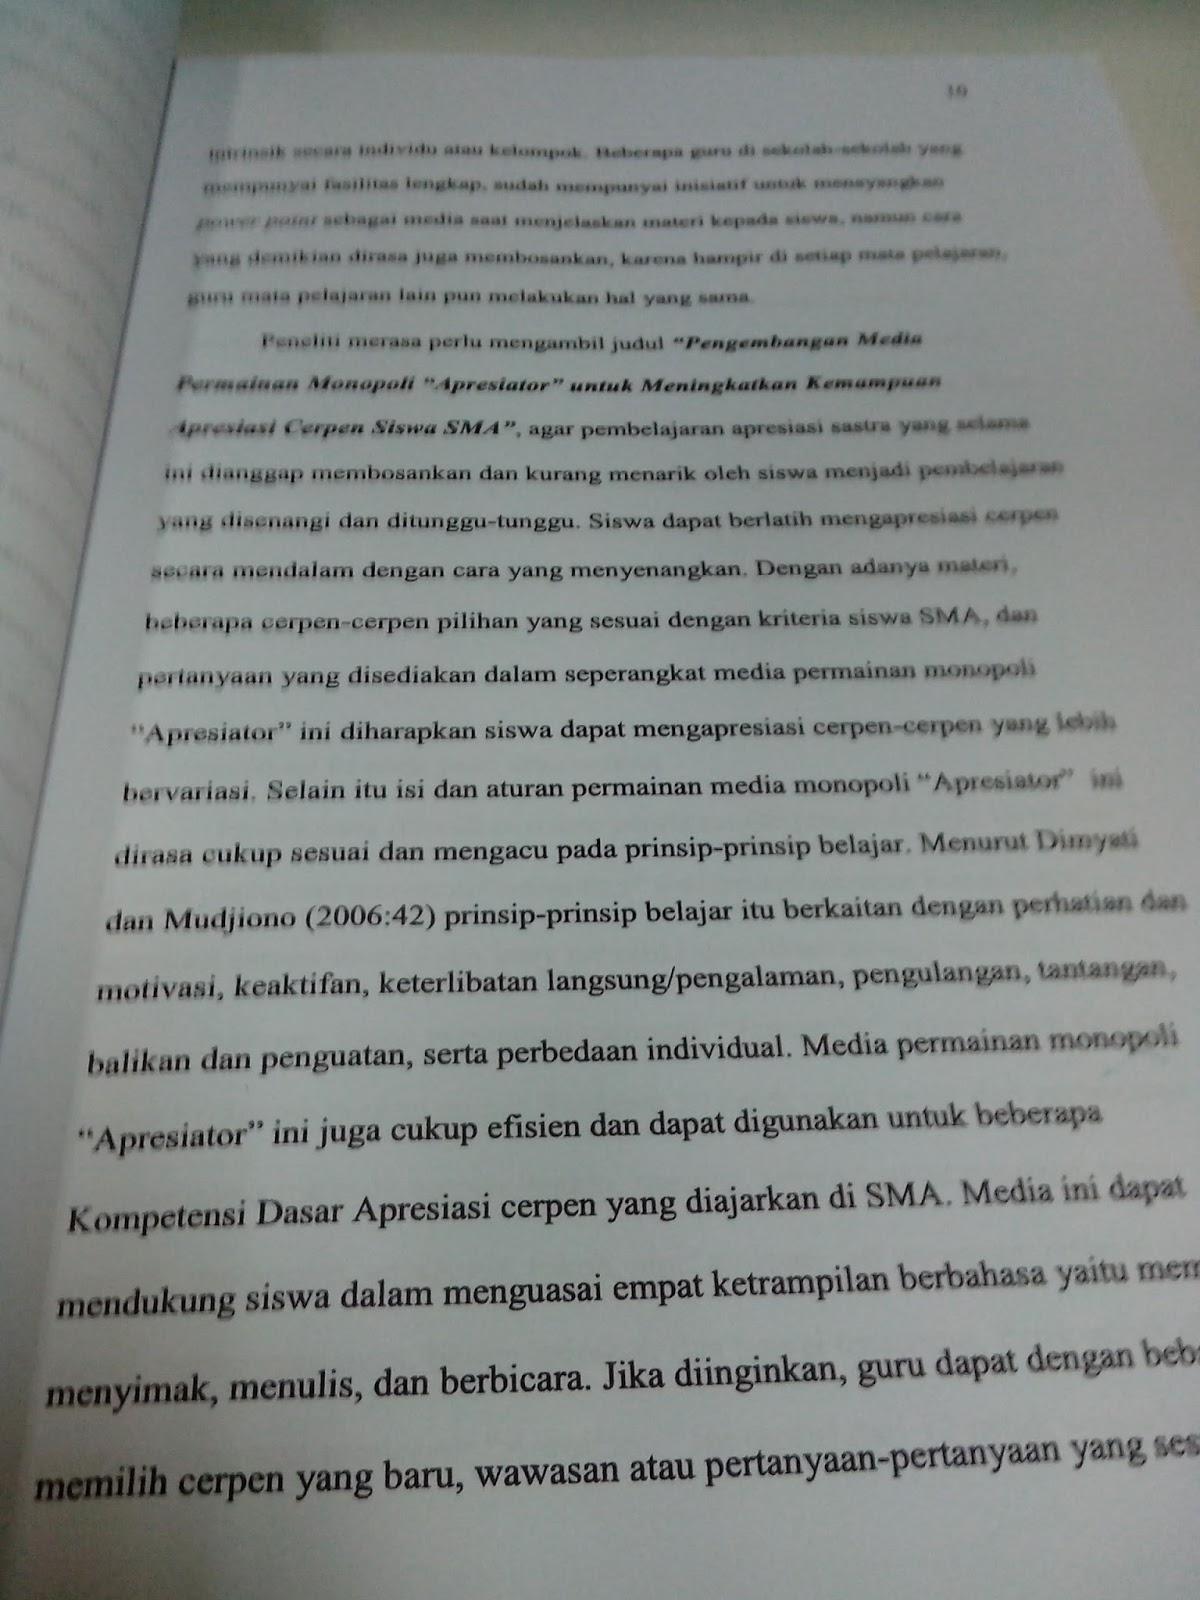 Pengertian Teks Argumentasi : pengertian, argumentasi, Pengertian, Paragraf, Argumentasi, Beserta, Contohnya, Artikel